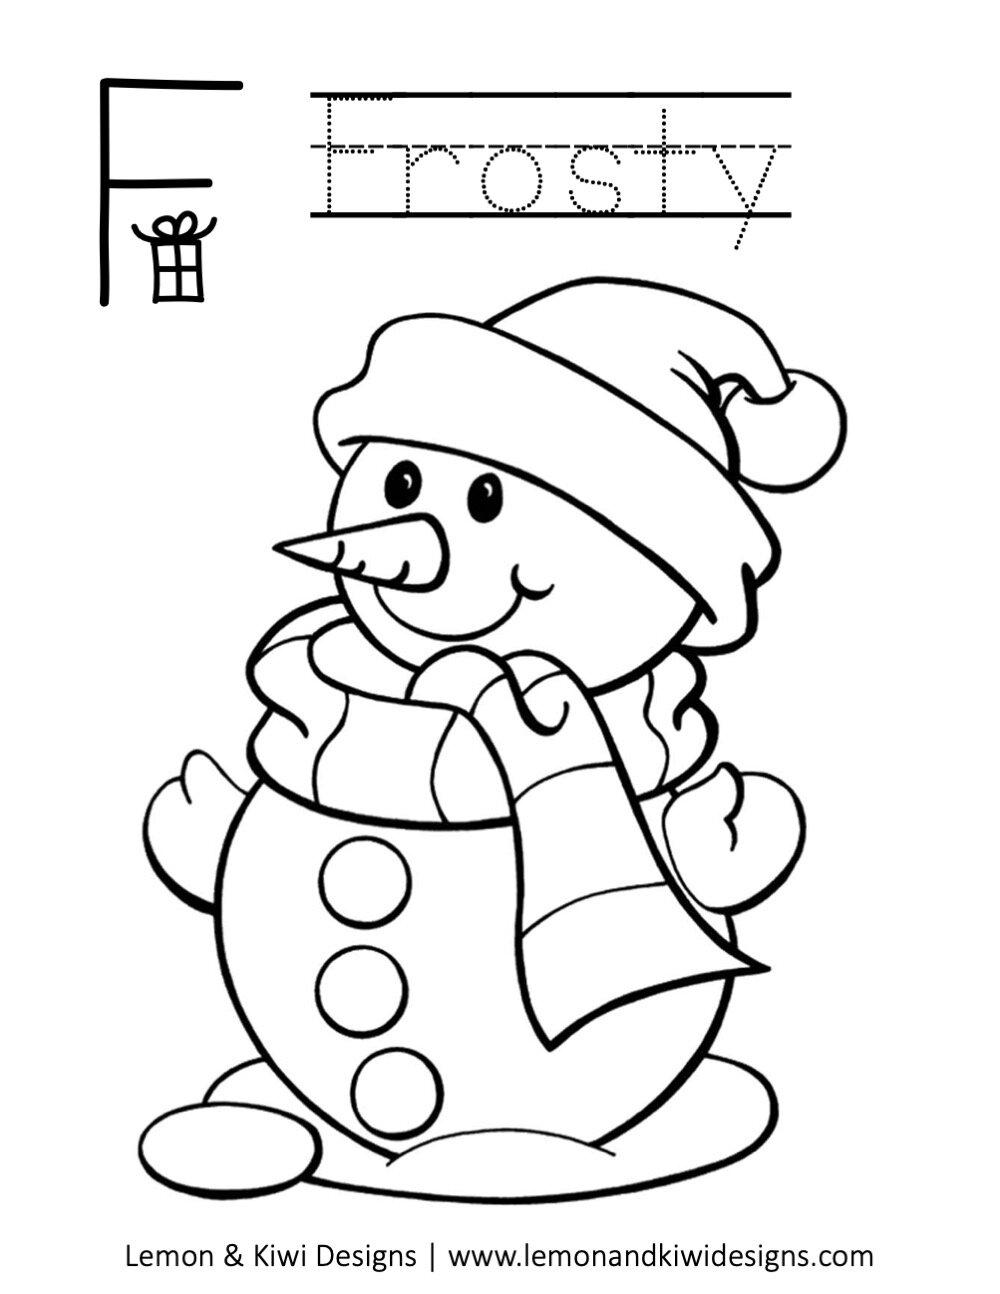 Free Christmas A Z Coloring Book — Lemon & Kiwi Designs